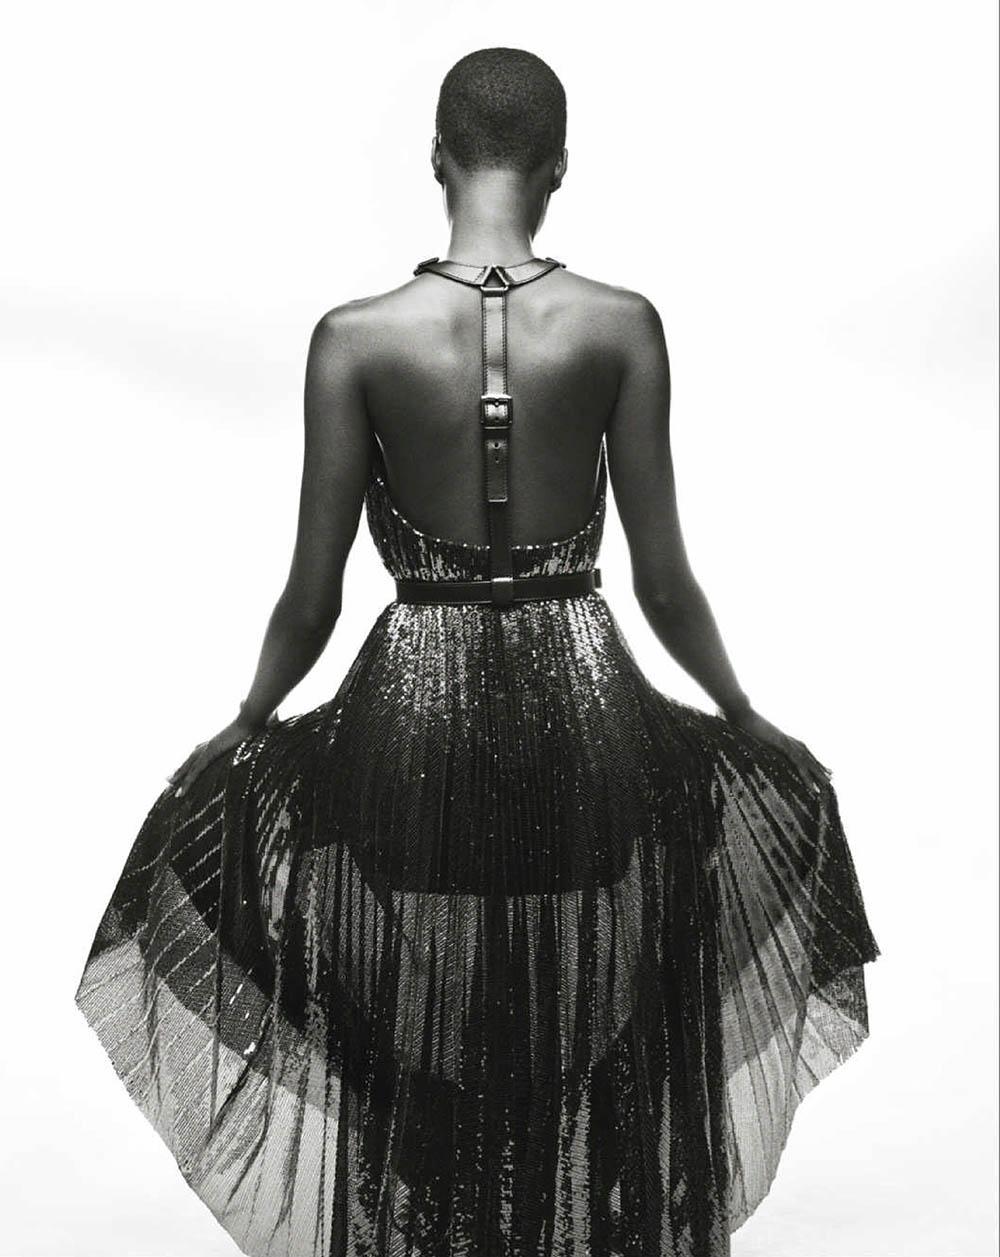 Fatou Jobe by Tom Schirmacher for Elle UK November 2020